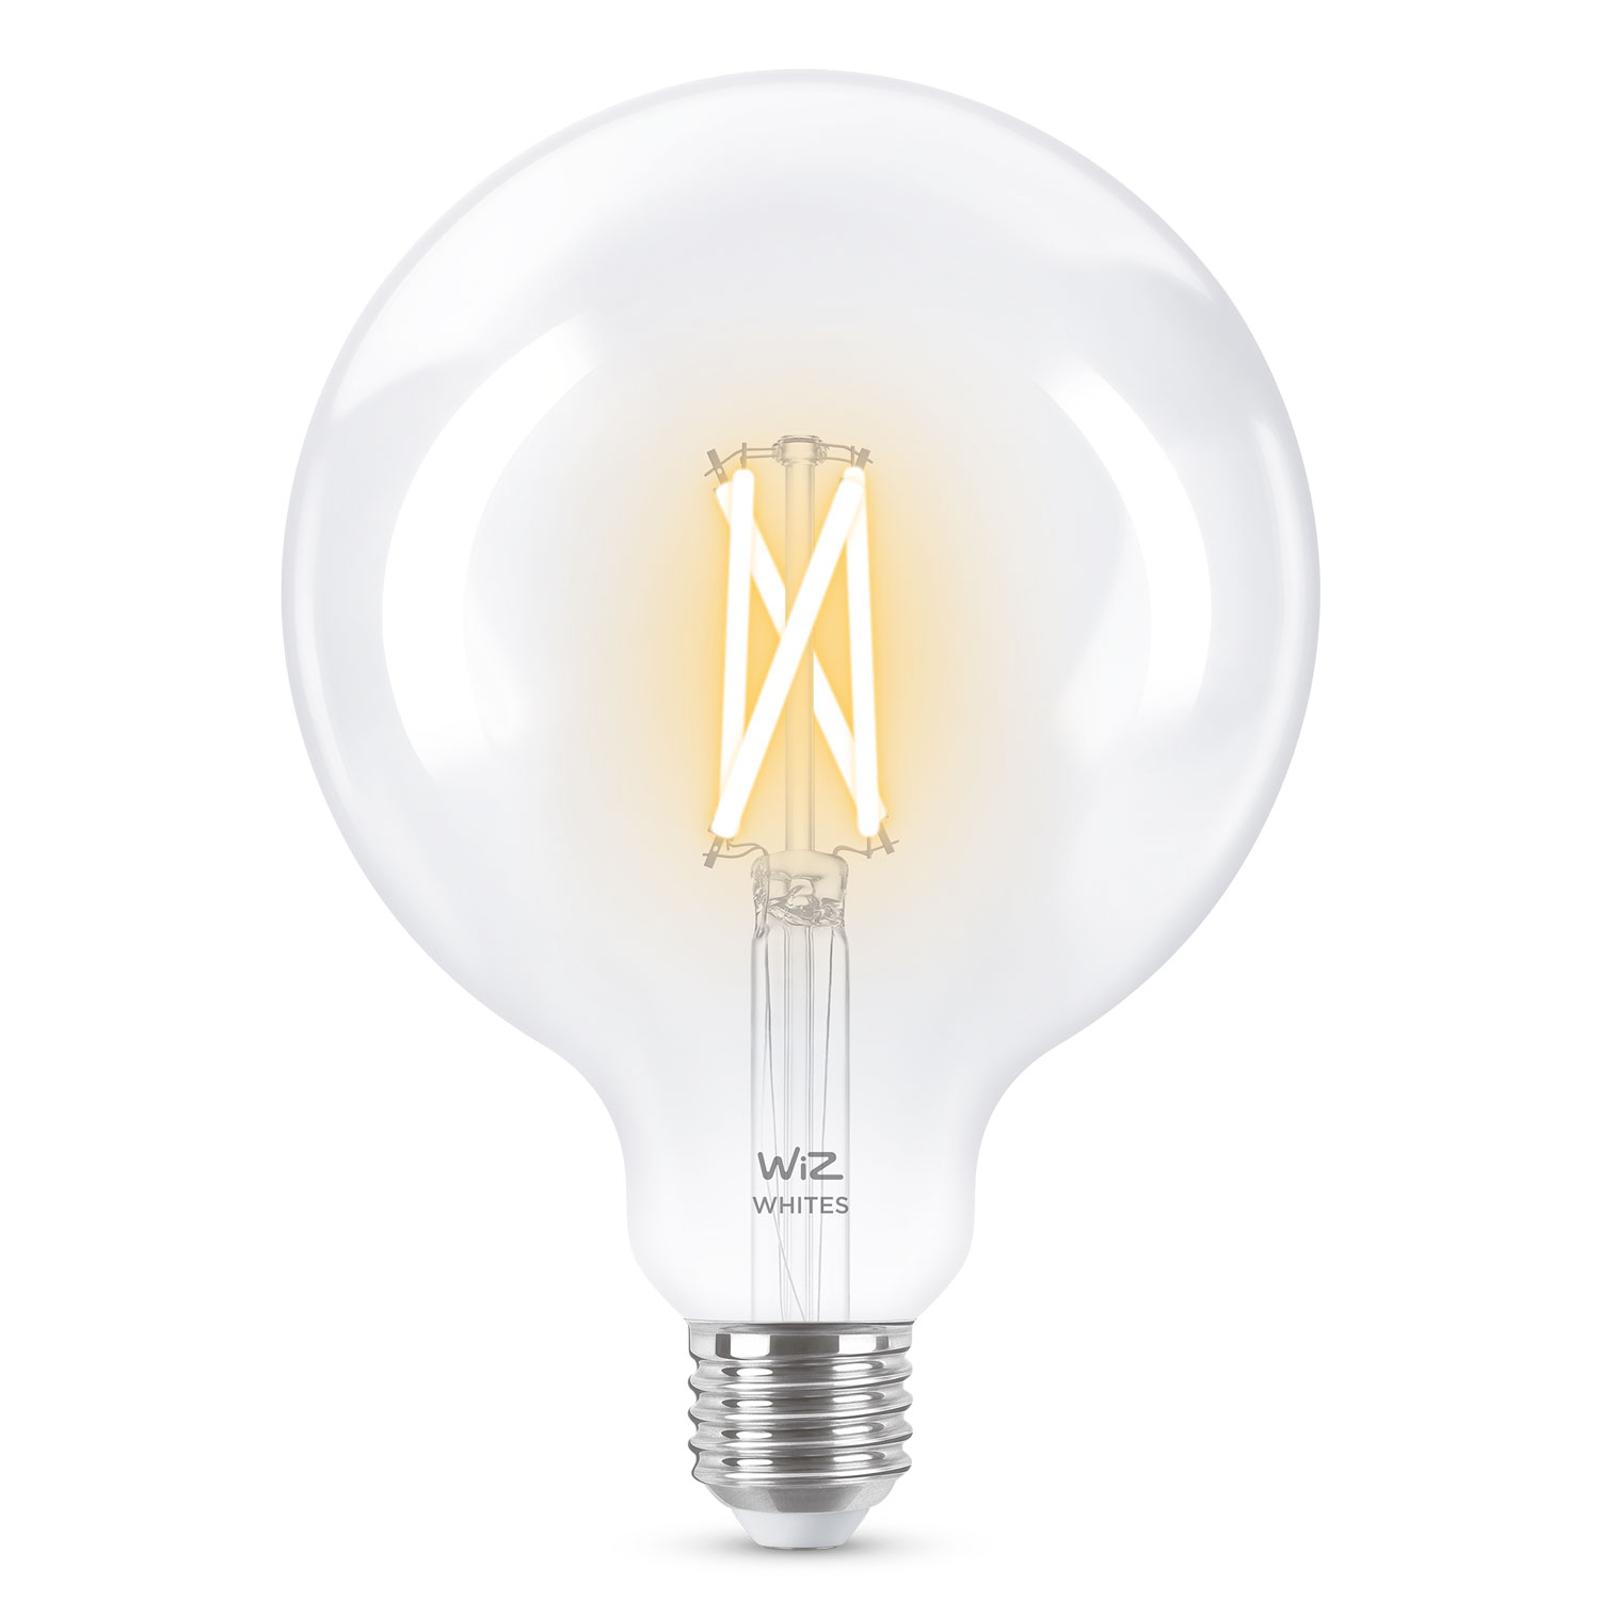 WiZ E27 LED G125 Filament klar 6,5W 2.200-5.500K